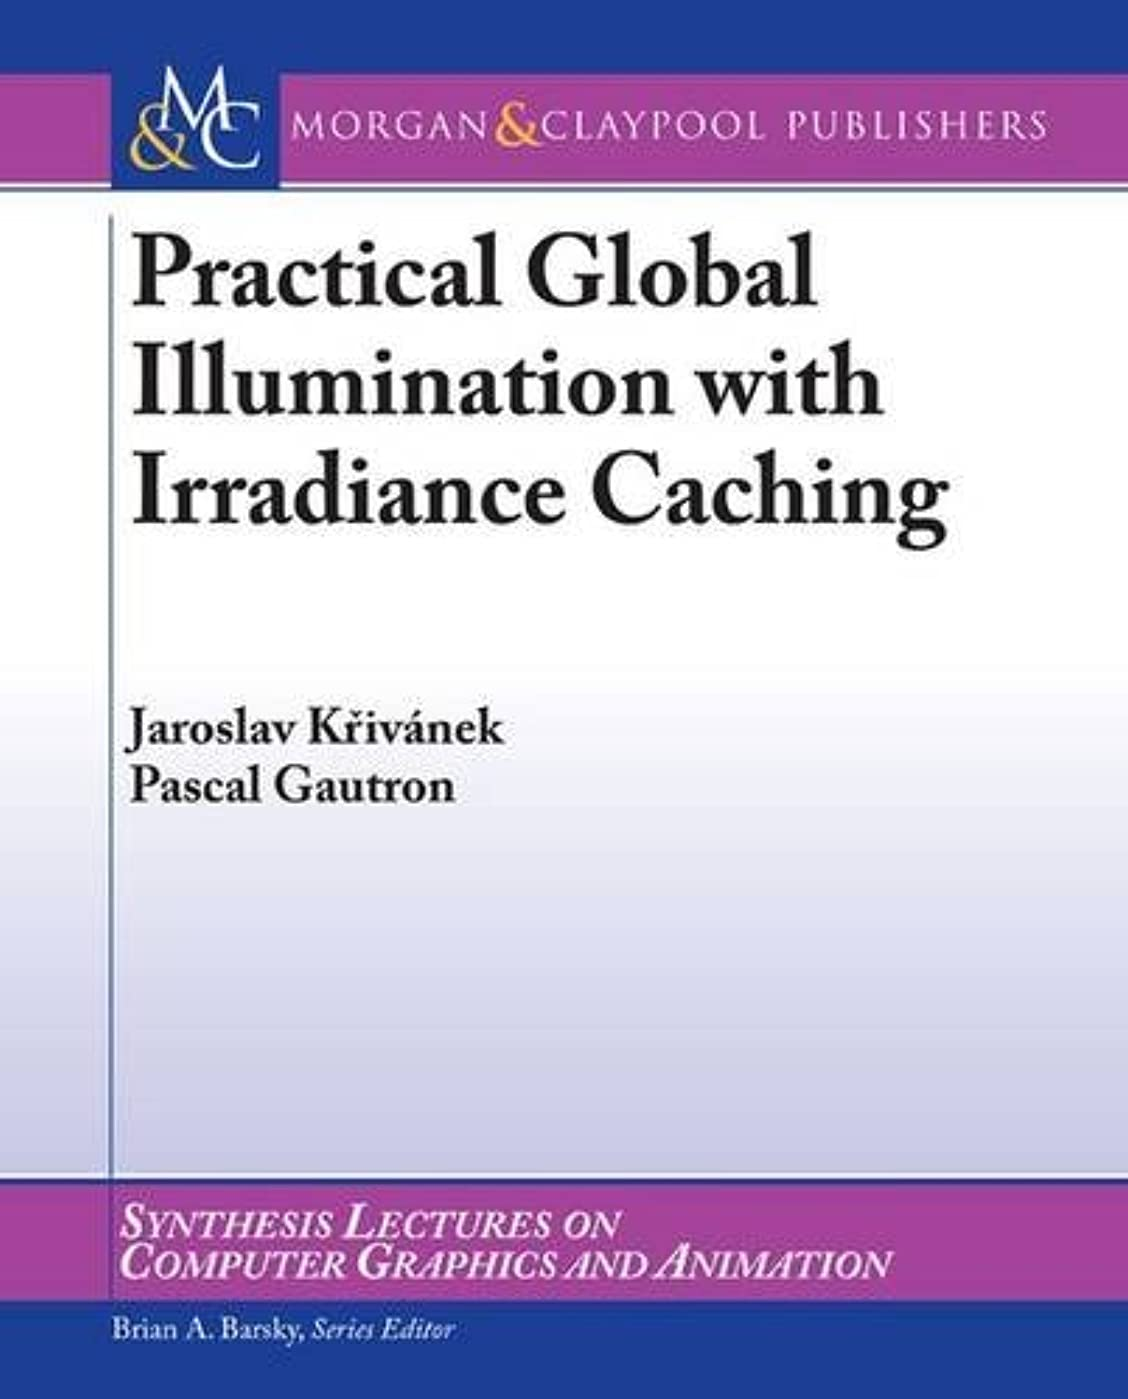 レオナルドダインスタンスマンモスPractical Global Illumination with Irradiance Caching (Synthesis Lectures in Computer Graphics and Animation)